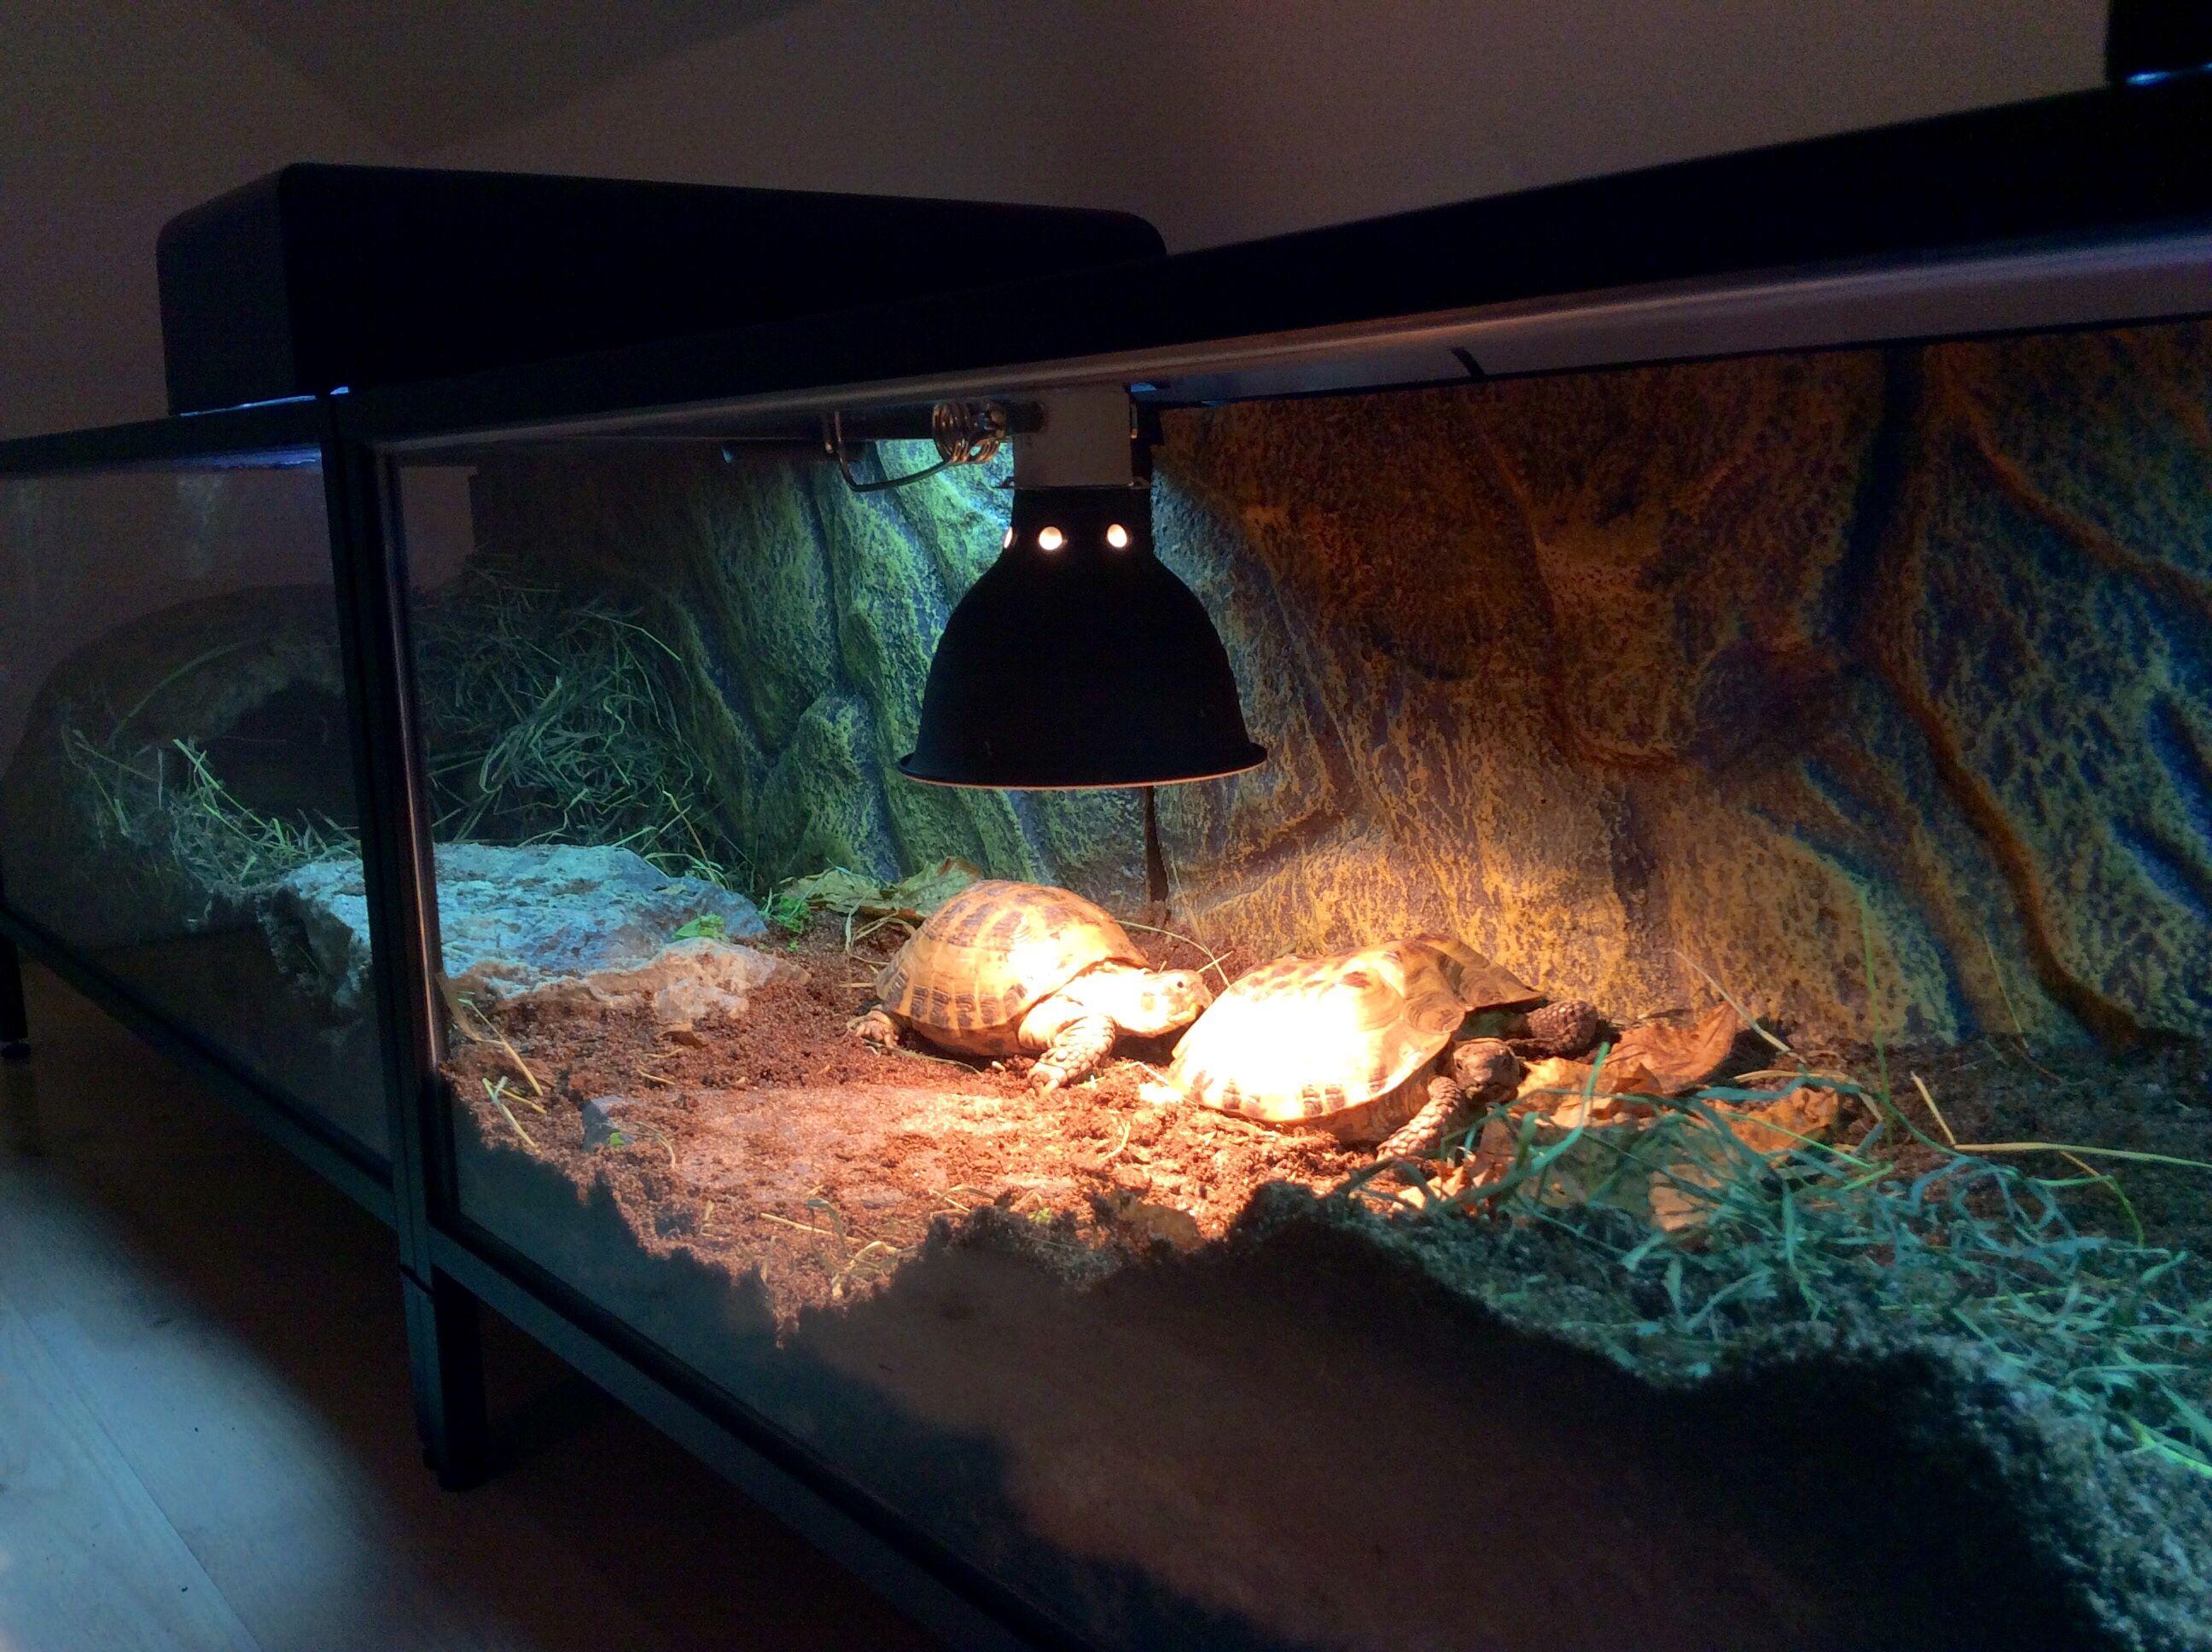 Four meters long tortoise terrarium made of ikea vittsjötables